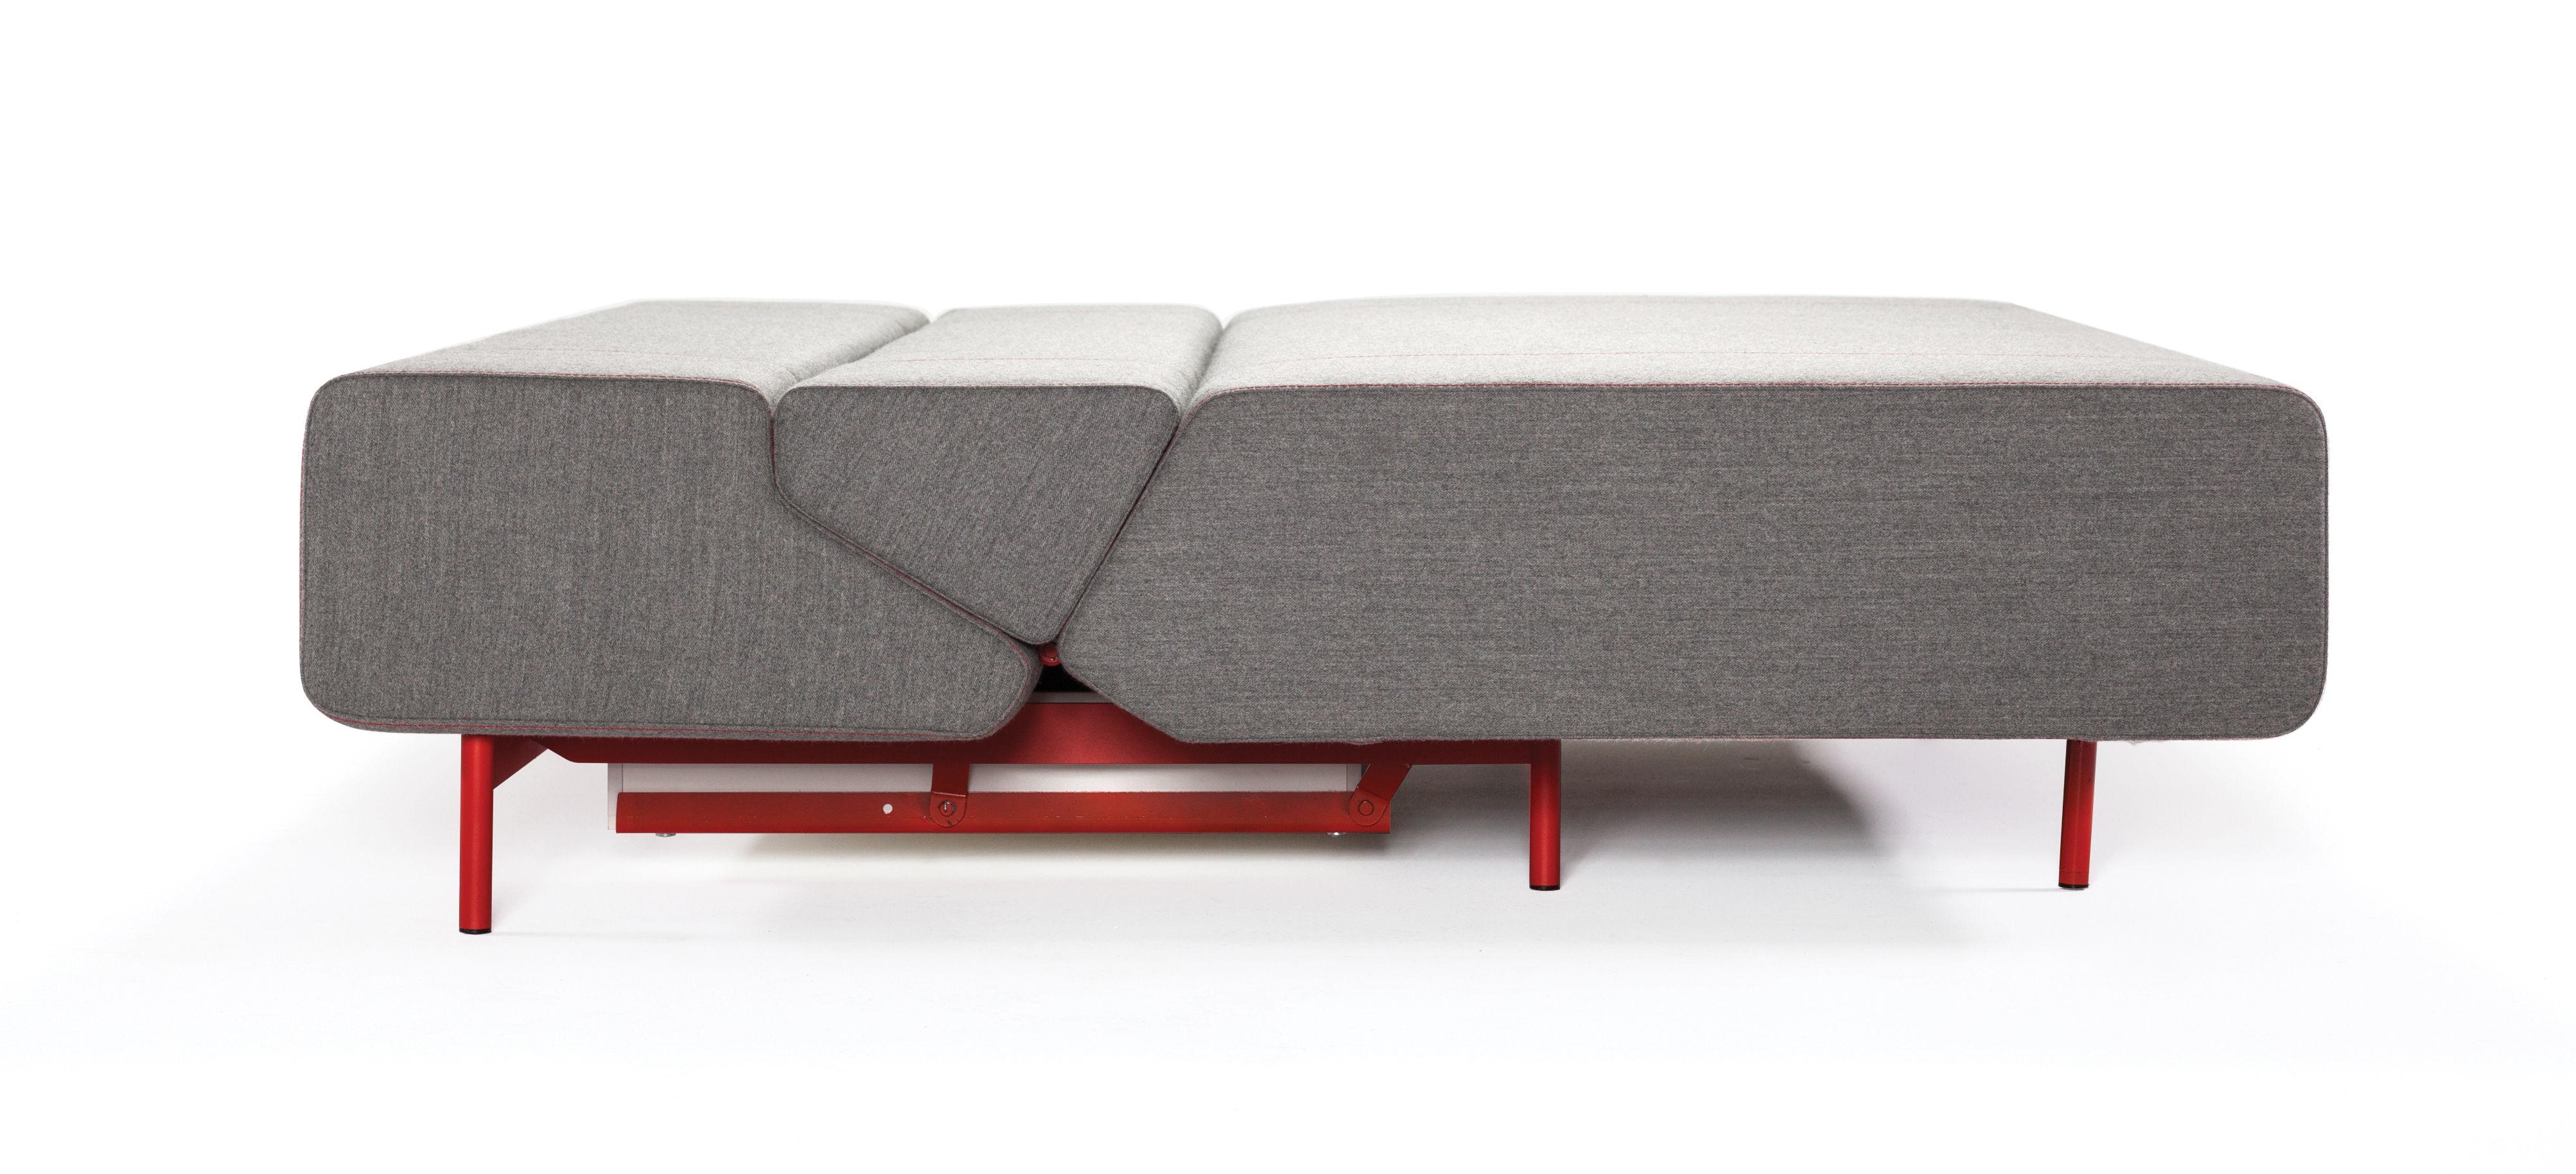 canap convertible pil low 3 places l 200 cm gris pi tement jaune prostoria ltd. Black Bedroom Furniture Sets. Home Design Ideas